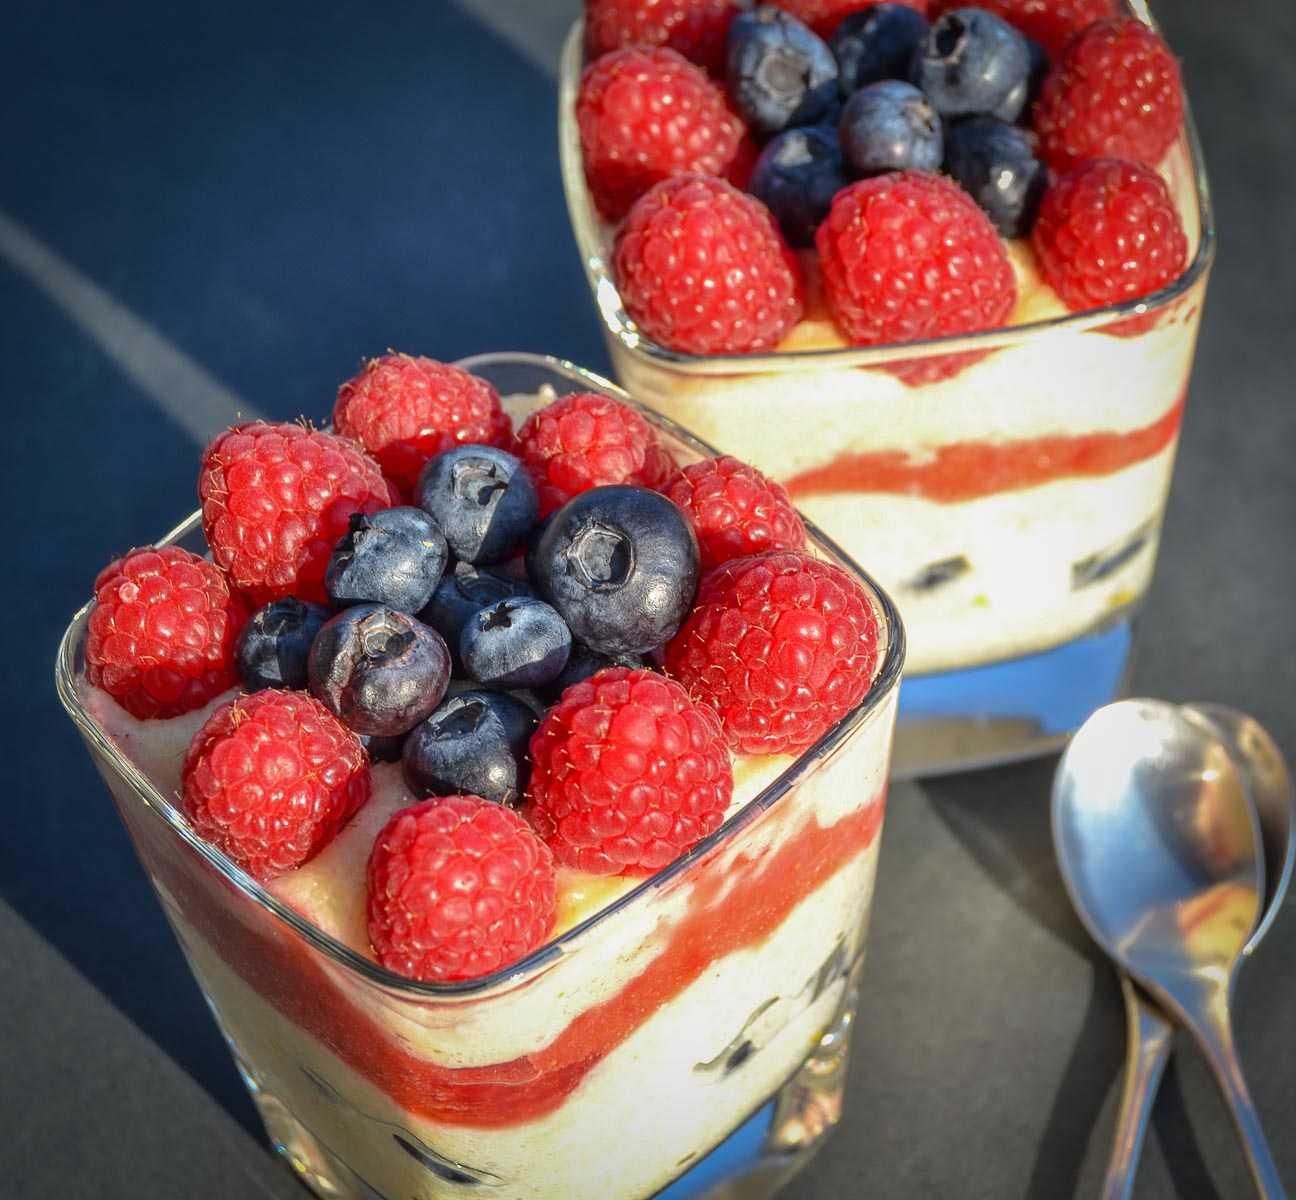 Grießbrei Rezept mit Himbeeren, Blaubeeren und Erdbeeren